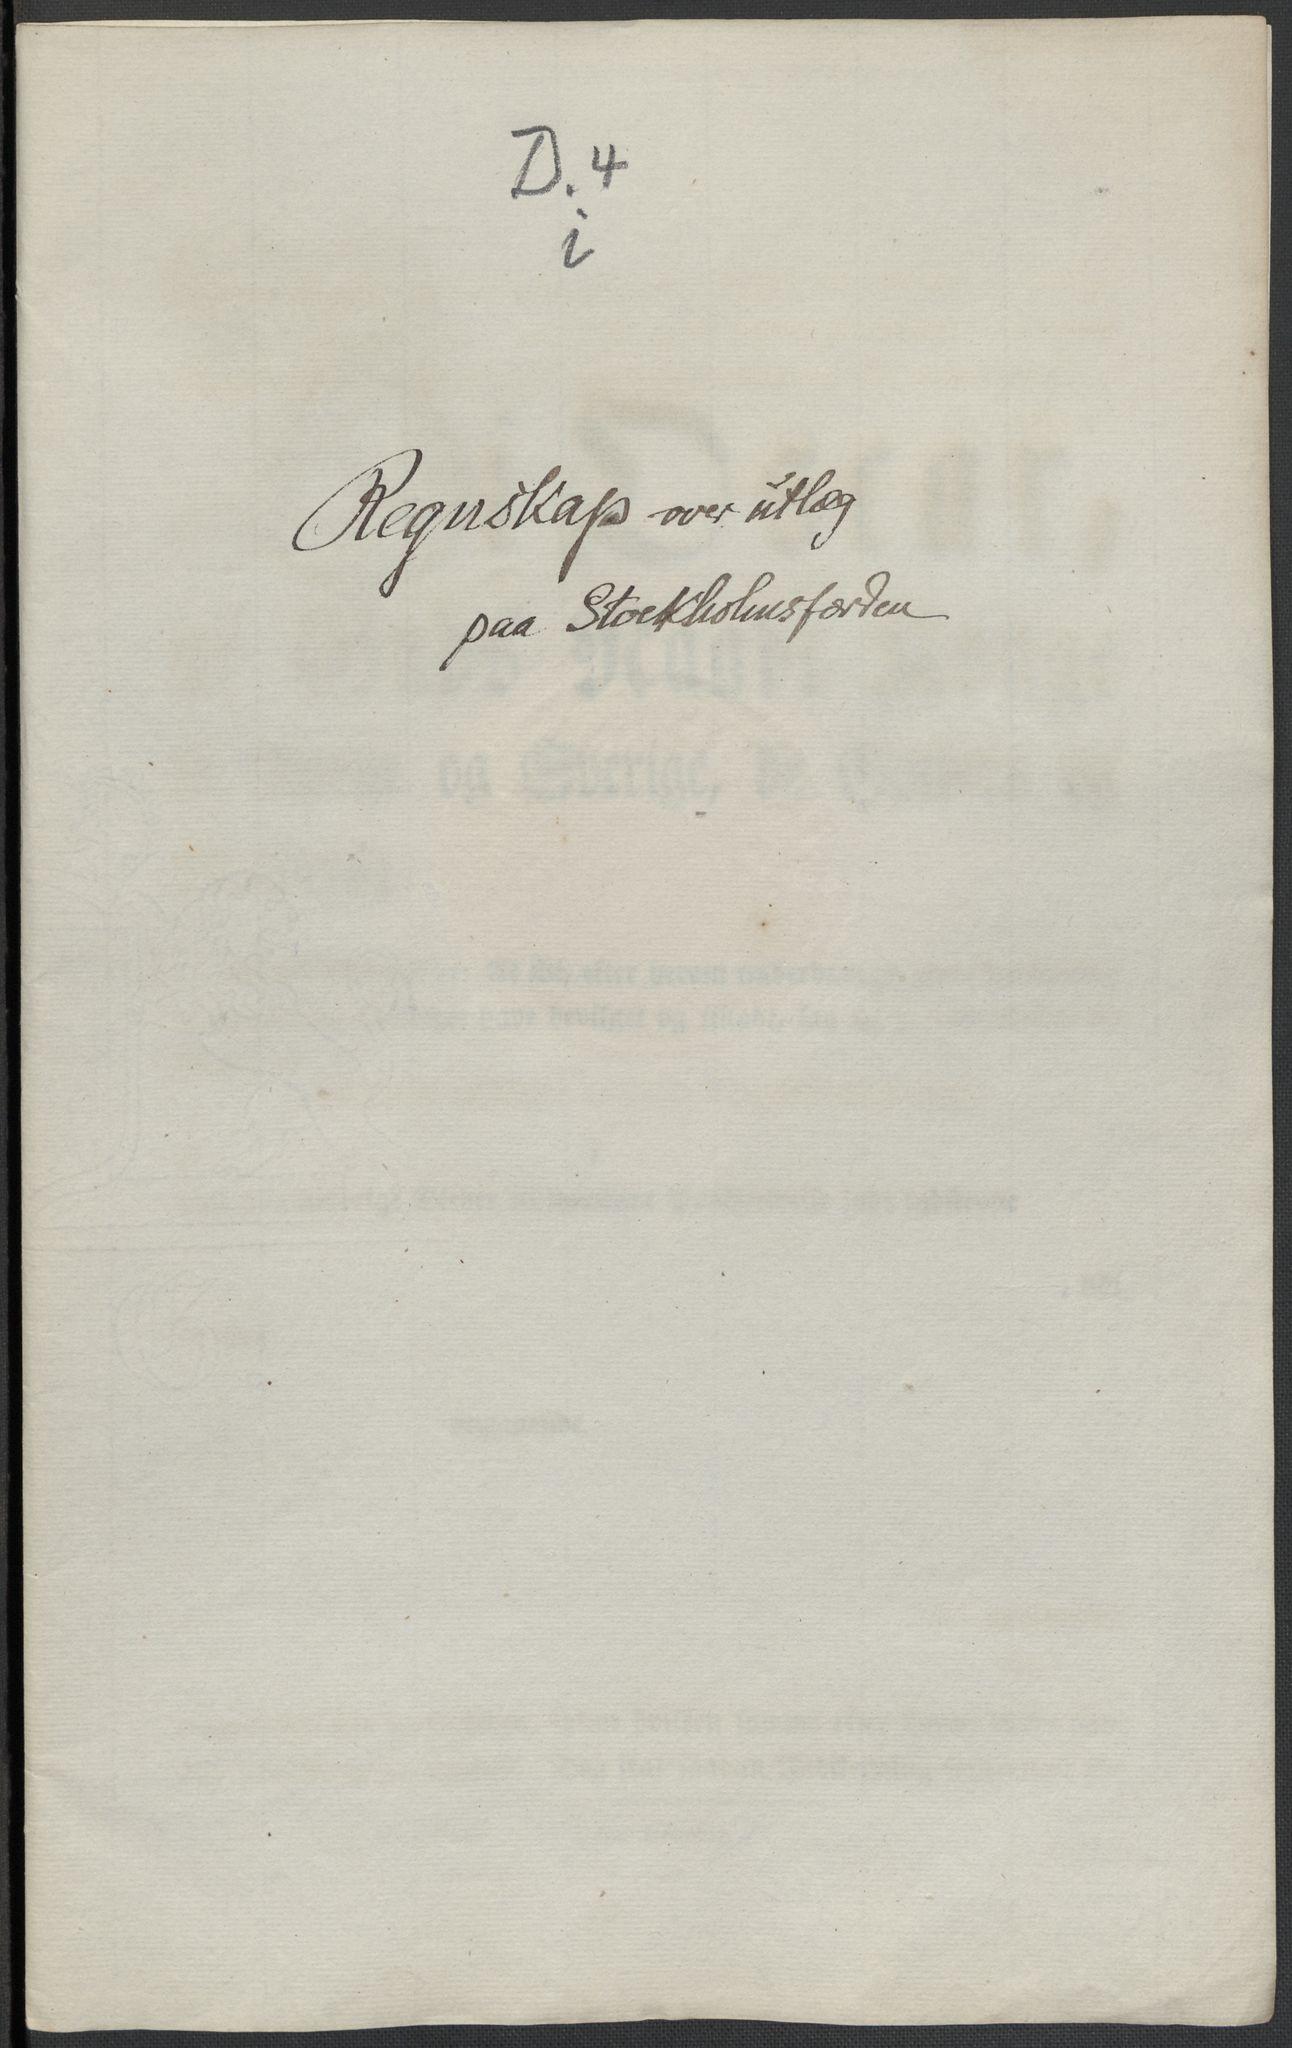 RA, Christie, Wilhelm Frimann Koren, F/L0004, 1814, s. 291